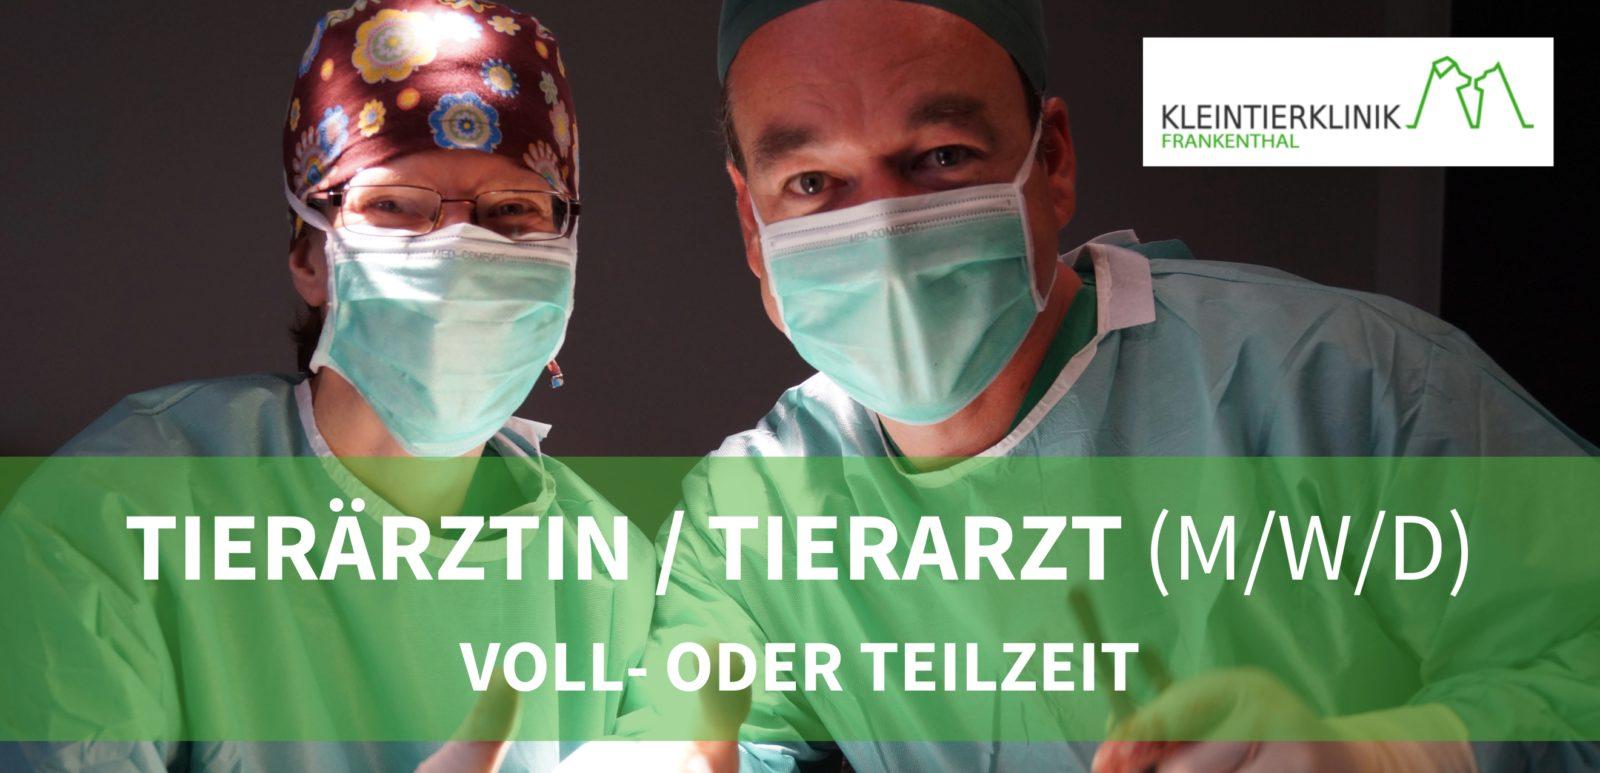 Kleintierklinik Frankenthal GmbH - Tierärztin/Tierarzt (m/w/d)  in Vollzeit/Teilzeit